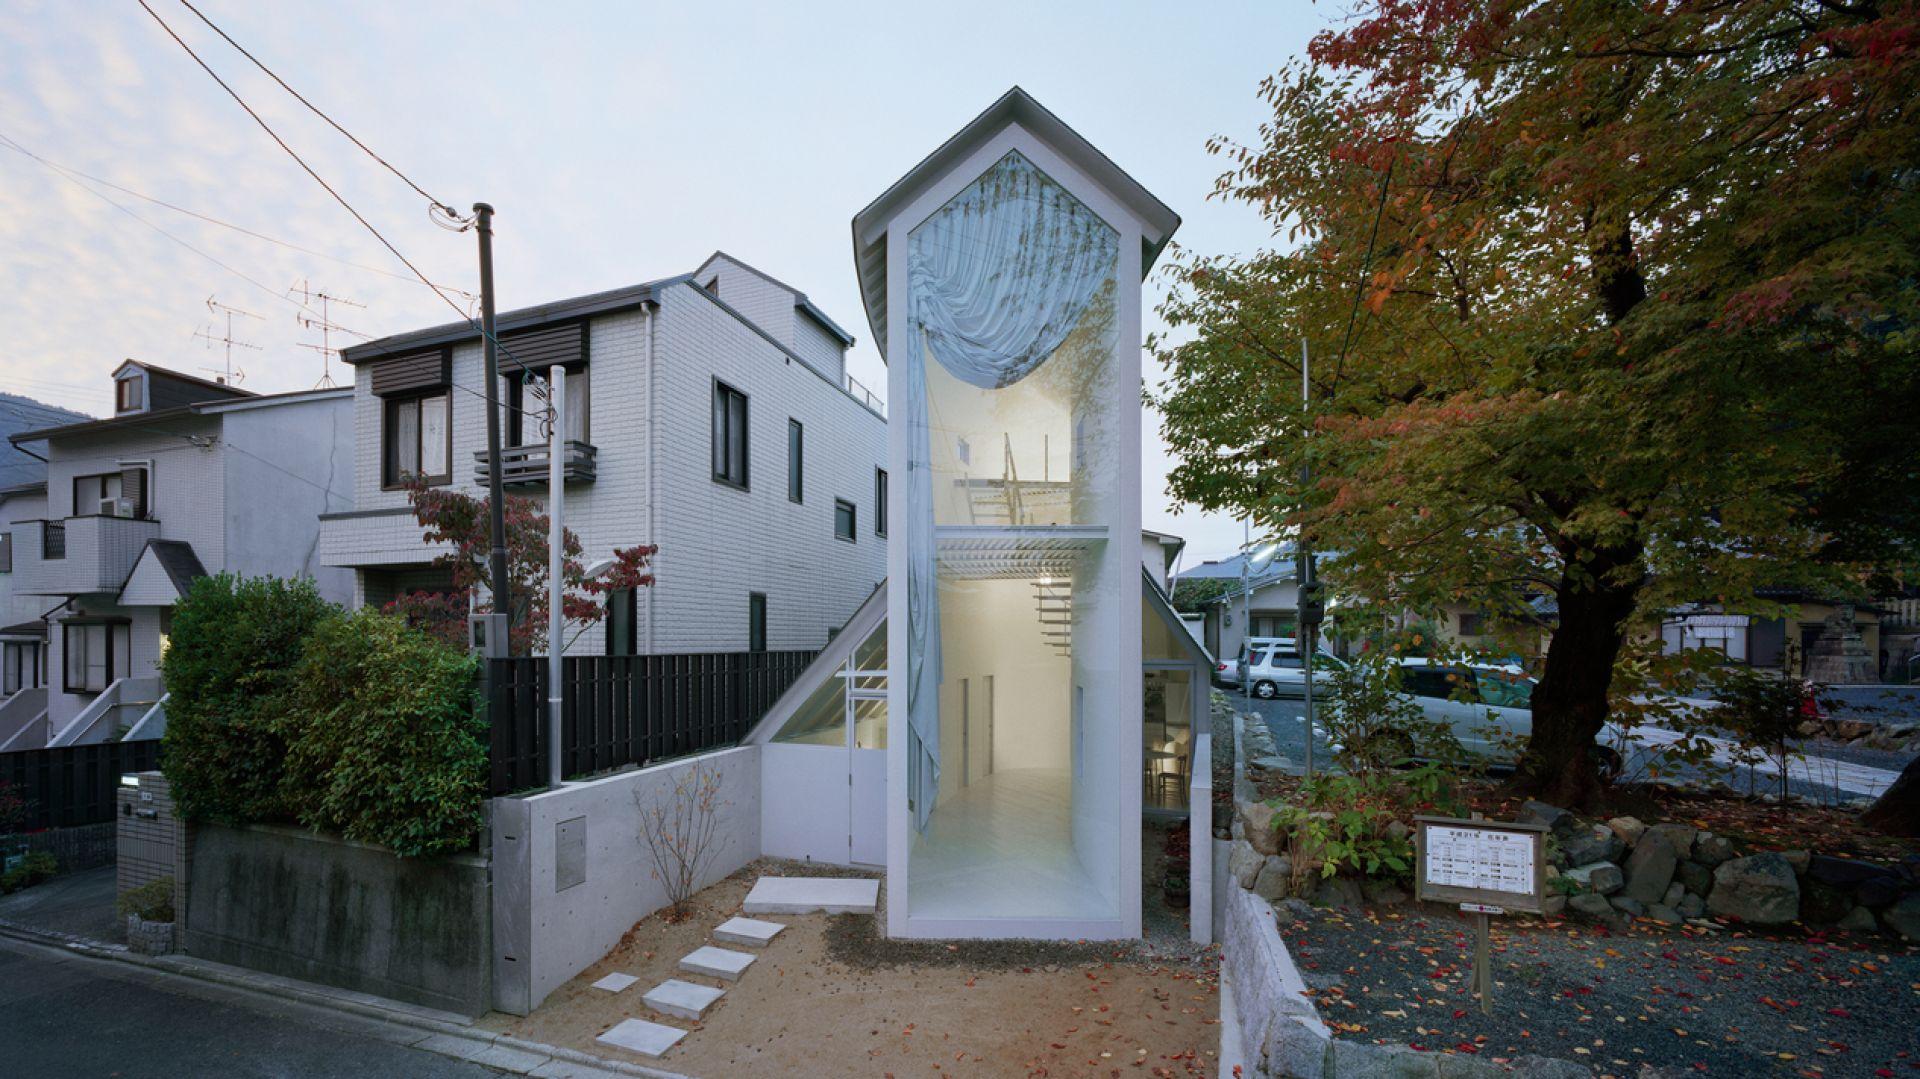 Ten dom bardzo zaskakuje. Pomimo małej powierzchni użytkowej wnętrza są urządzone funkcjonalnie. Dzięki czemu można w nim w miarę komfortowo mieszkać. Fot. Takumi Ota